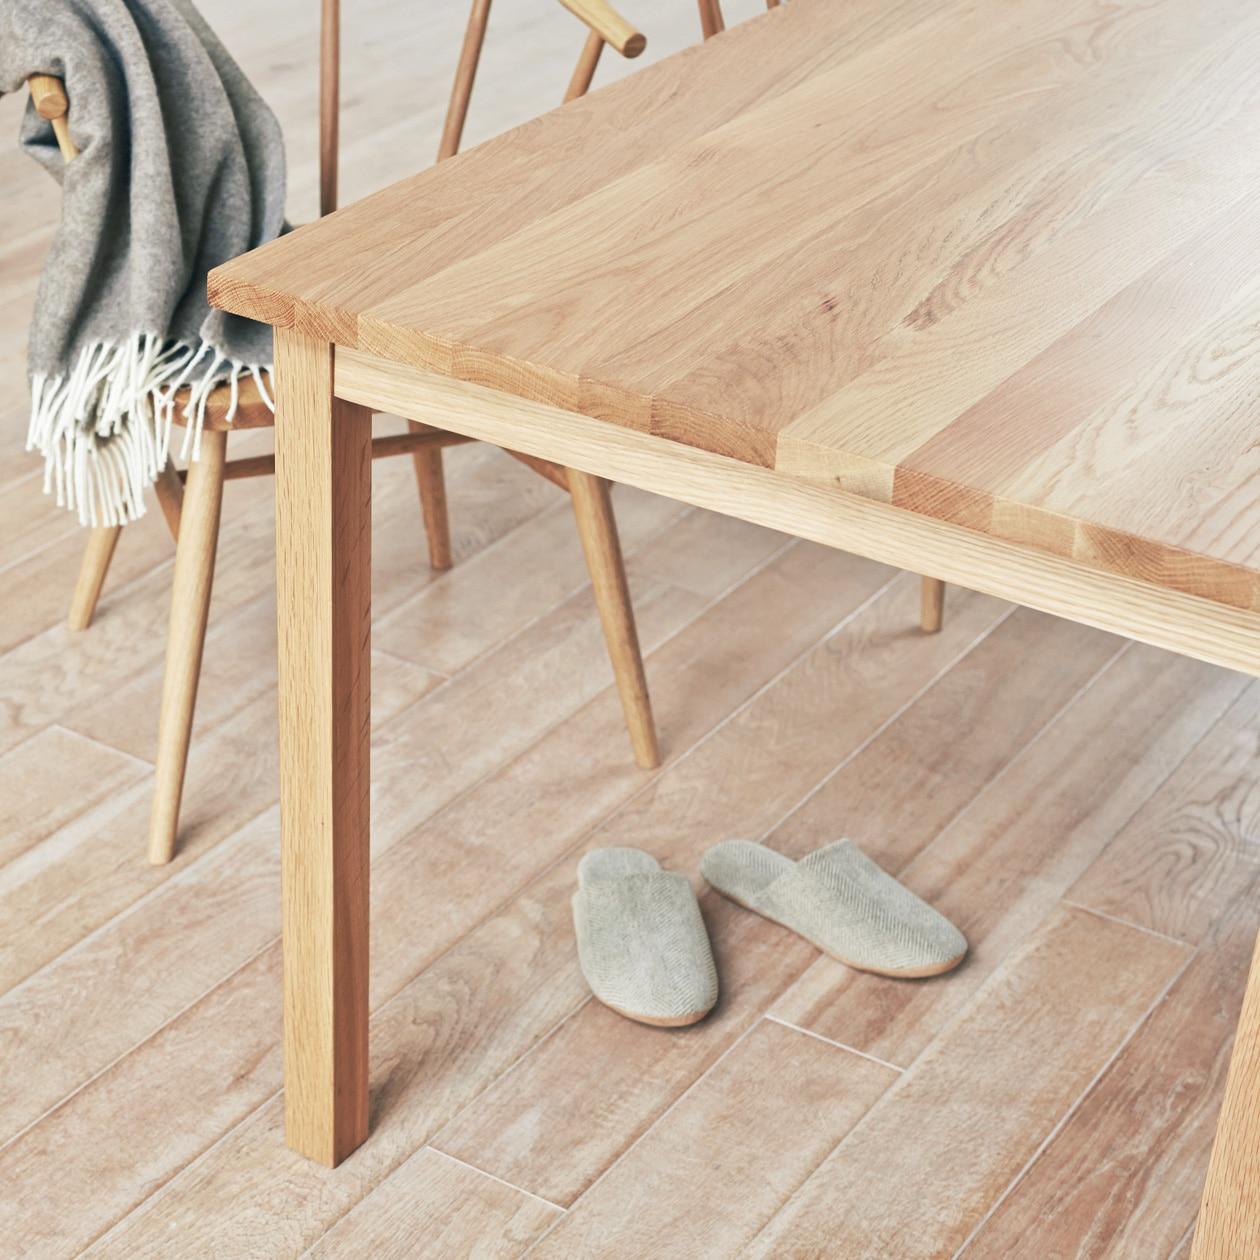 【無印良品】のダイニングテーブルは多彩。お部屋に合わせて選ぼう!